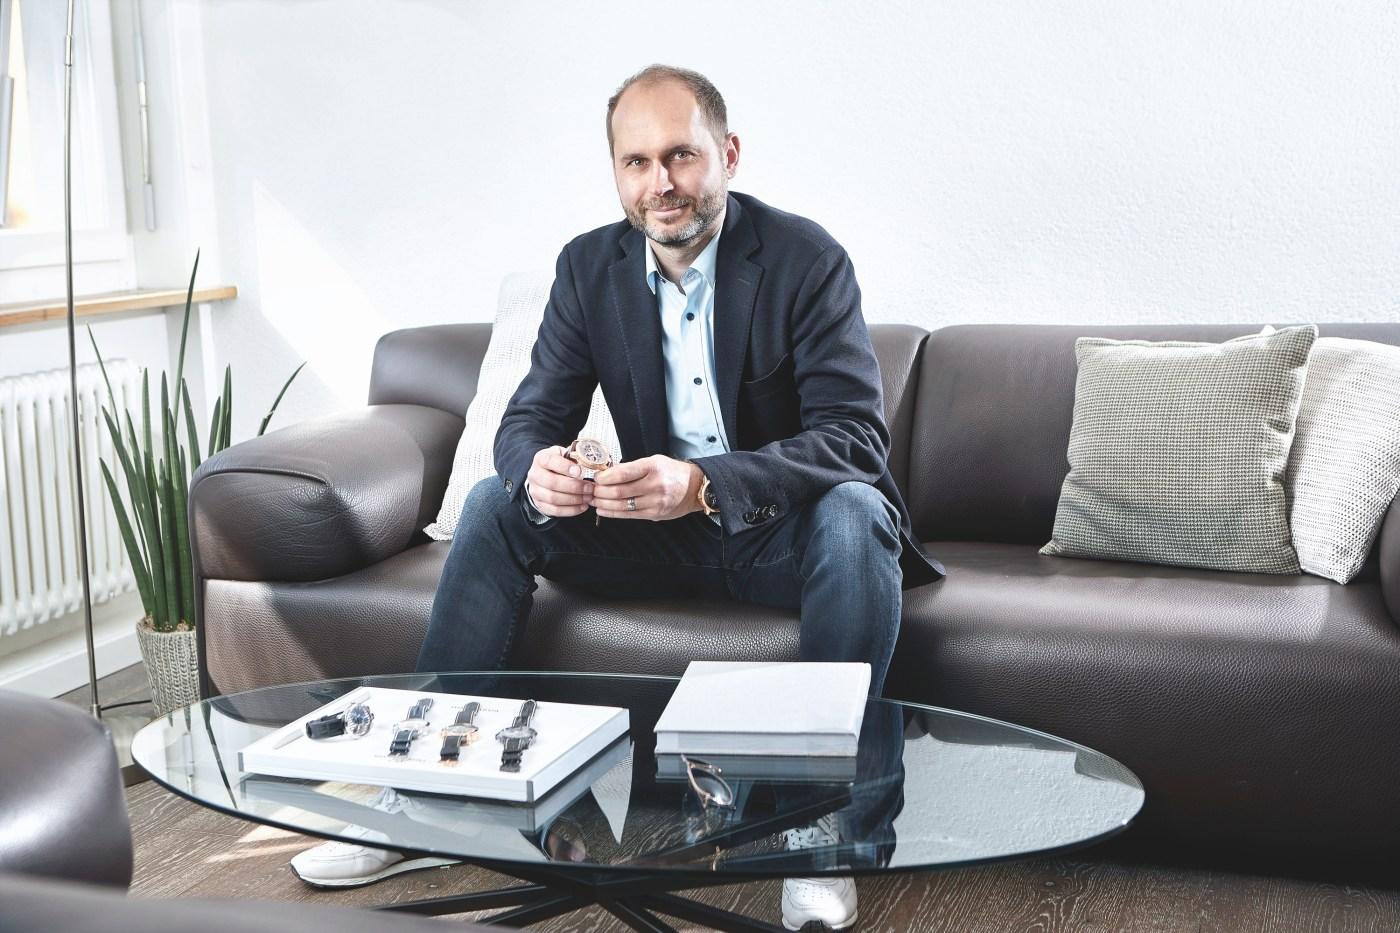 Serge Michel, Founder